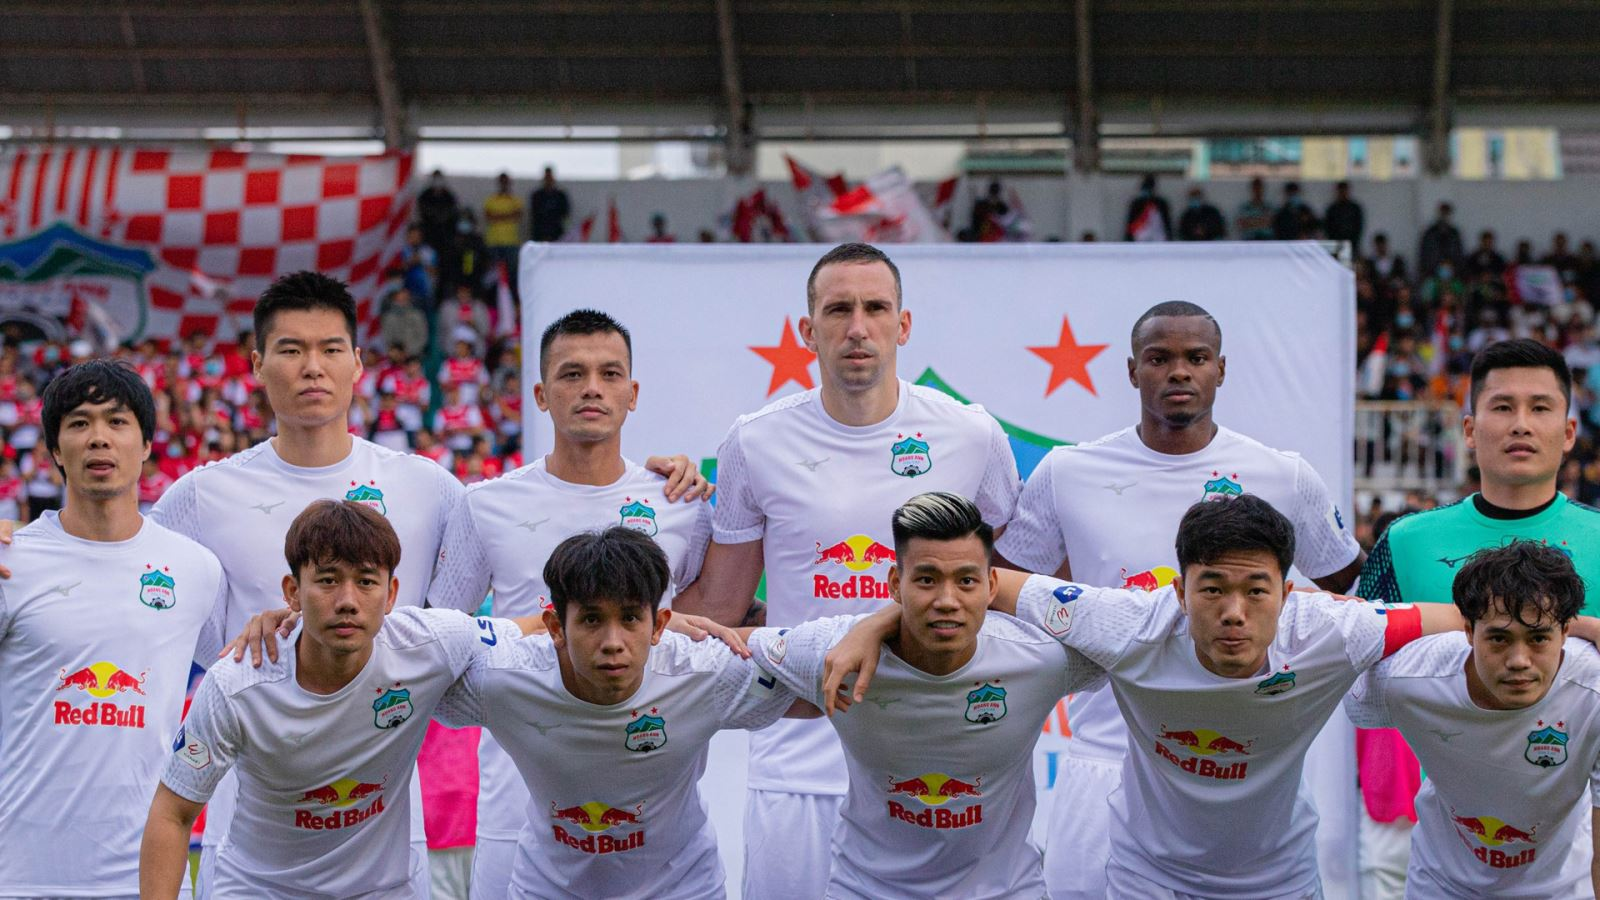 bóng đá Việt Nam, tin tức bóng đá, bong da, tin bong da, Xô xát trong trận giao hữu giữa Nam Định và Phú Thọ, V-League, lịch thi đấu V-League